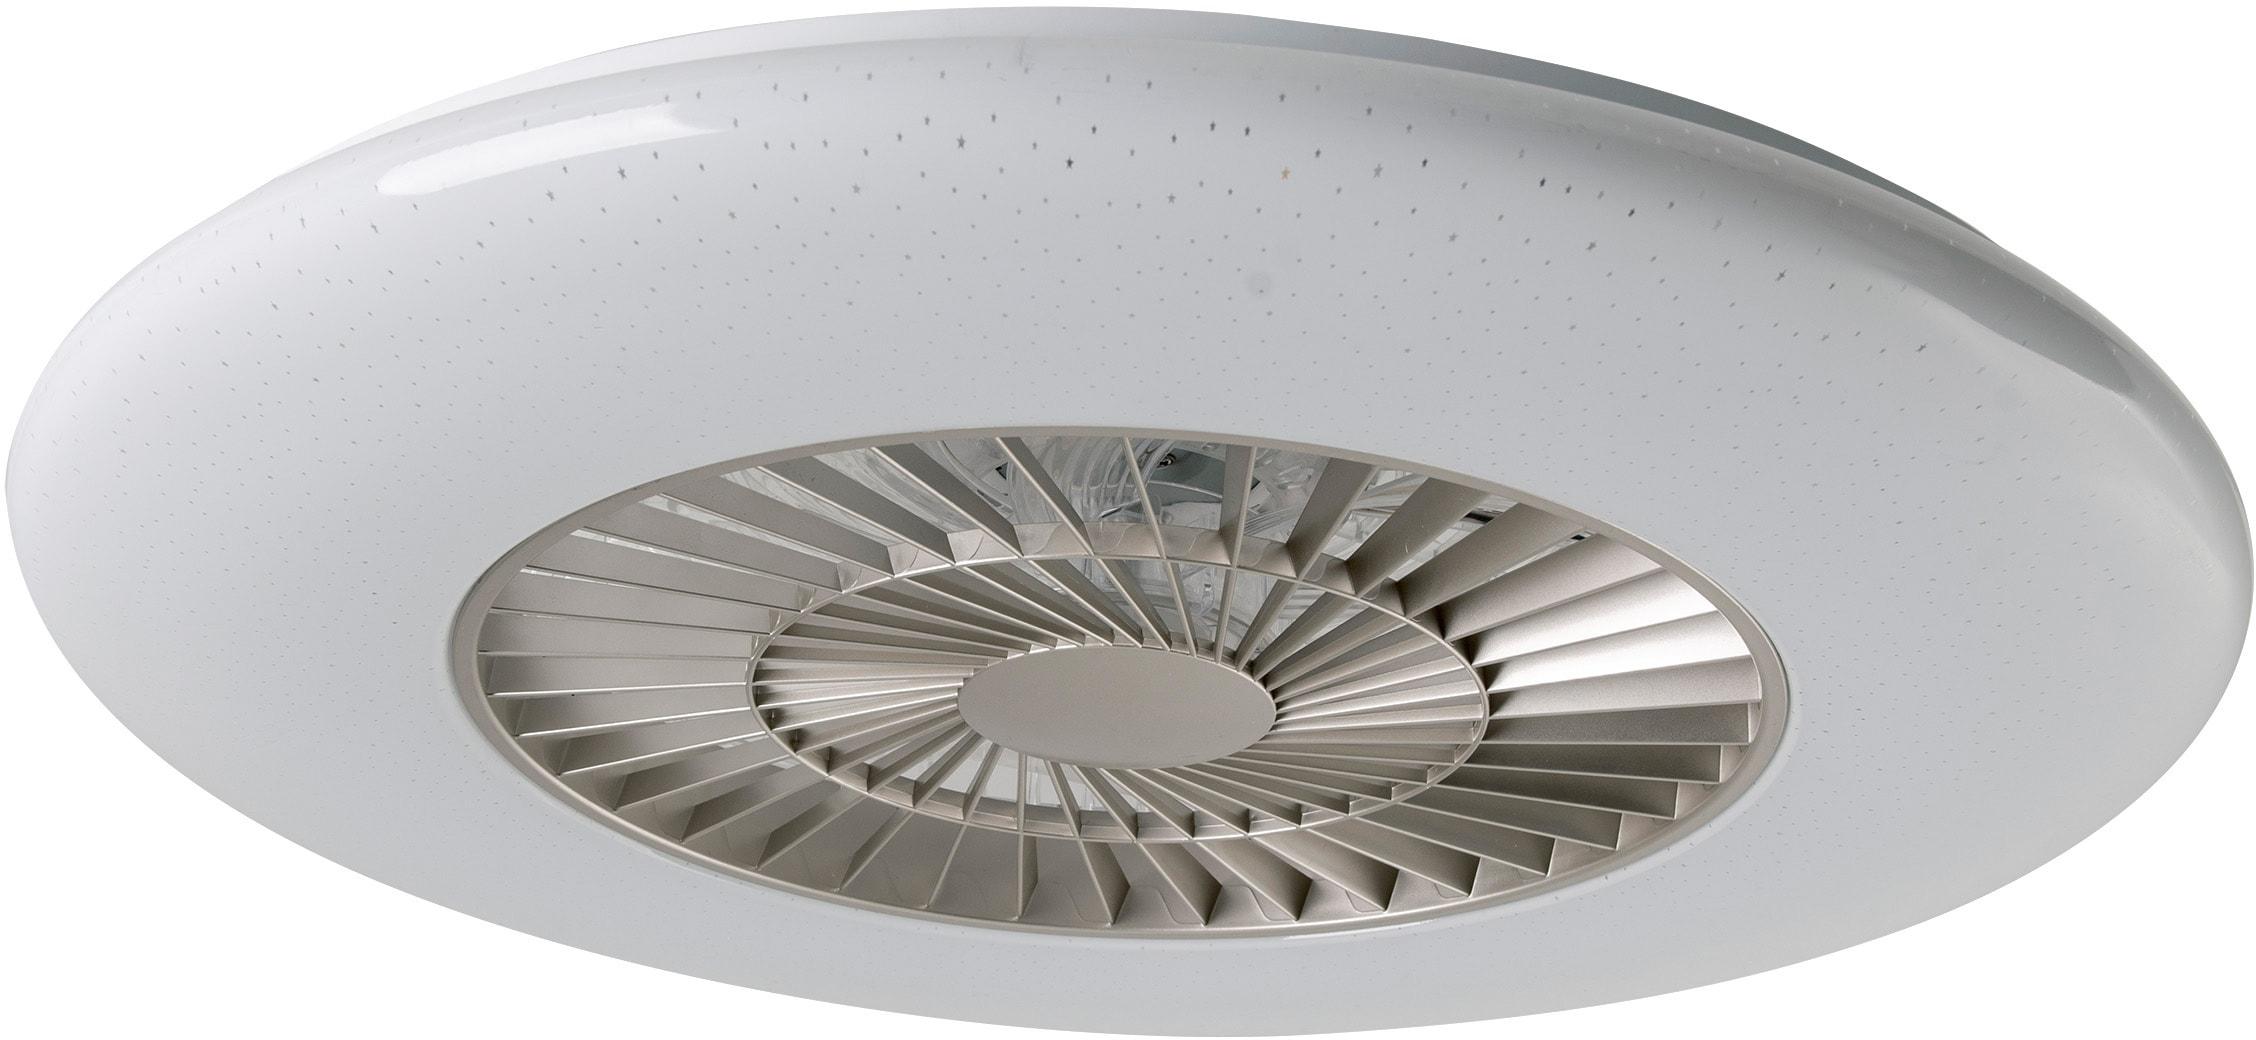 näve LED Deckenleuchte Ventura, LED-Board, Warmweiß-Neutralweiß-Kaltweiß-Farbwechsler, Deckenventilator, 6 Geschwindigkeitsstufen, Fernbedienung, Decken Ventilator mit Leuchte Lampe Durchmesser 59 cm